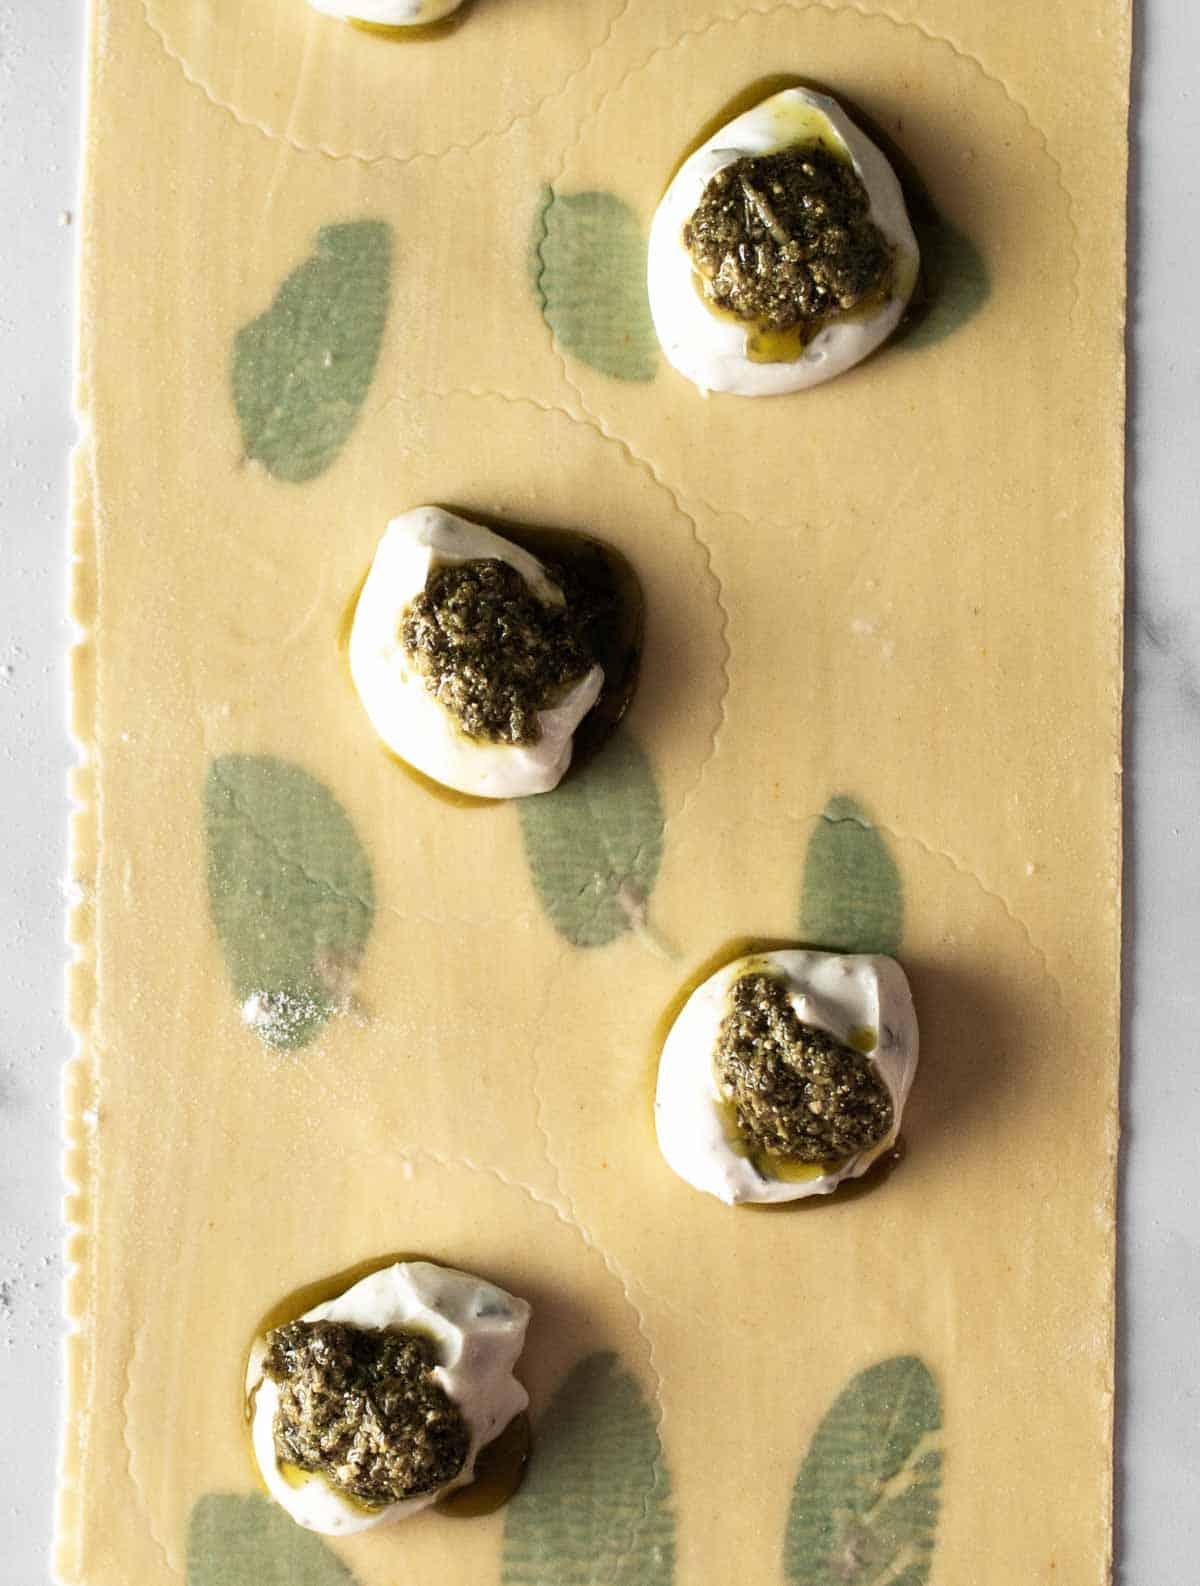 Image: pesto cheese ravioli